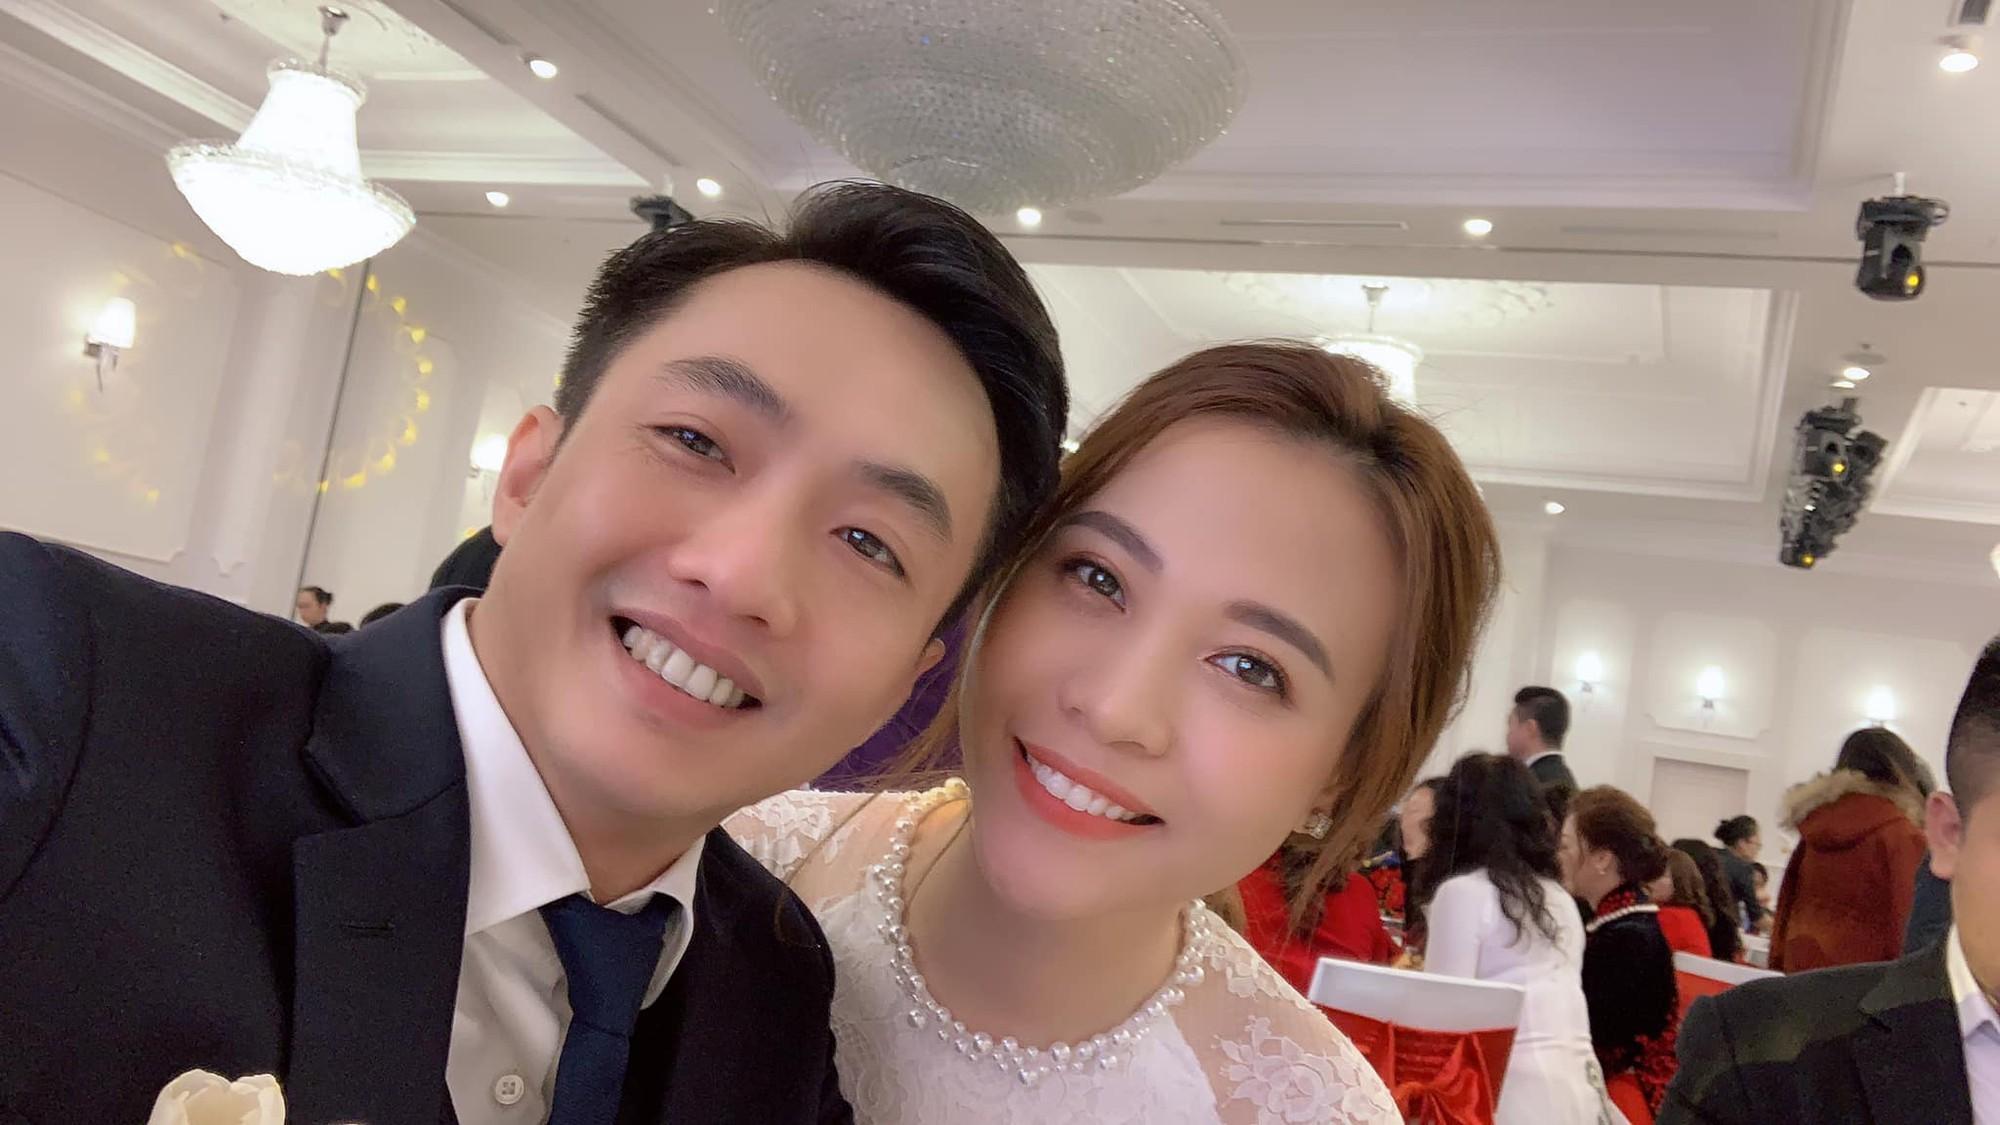 Chưa hết 1 tháng đầu năm 2019, showbiz Việt đã rộn ràng đón nhận liên tiếp 7 tin báo hỷ - Ảnh 1.